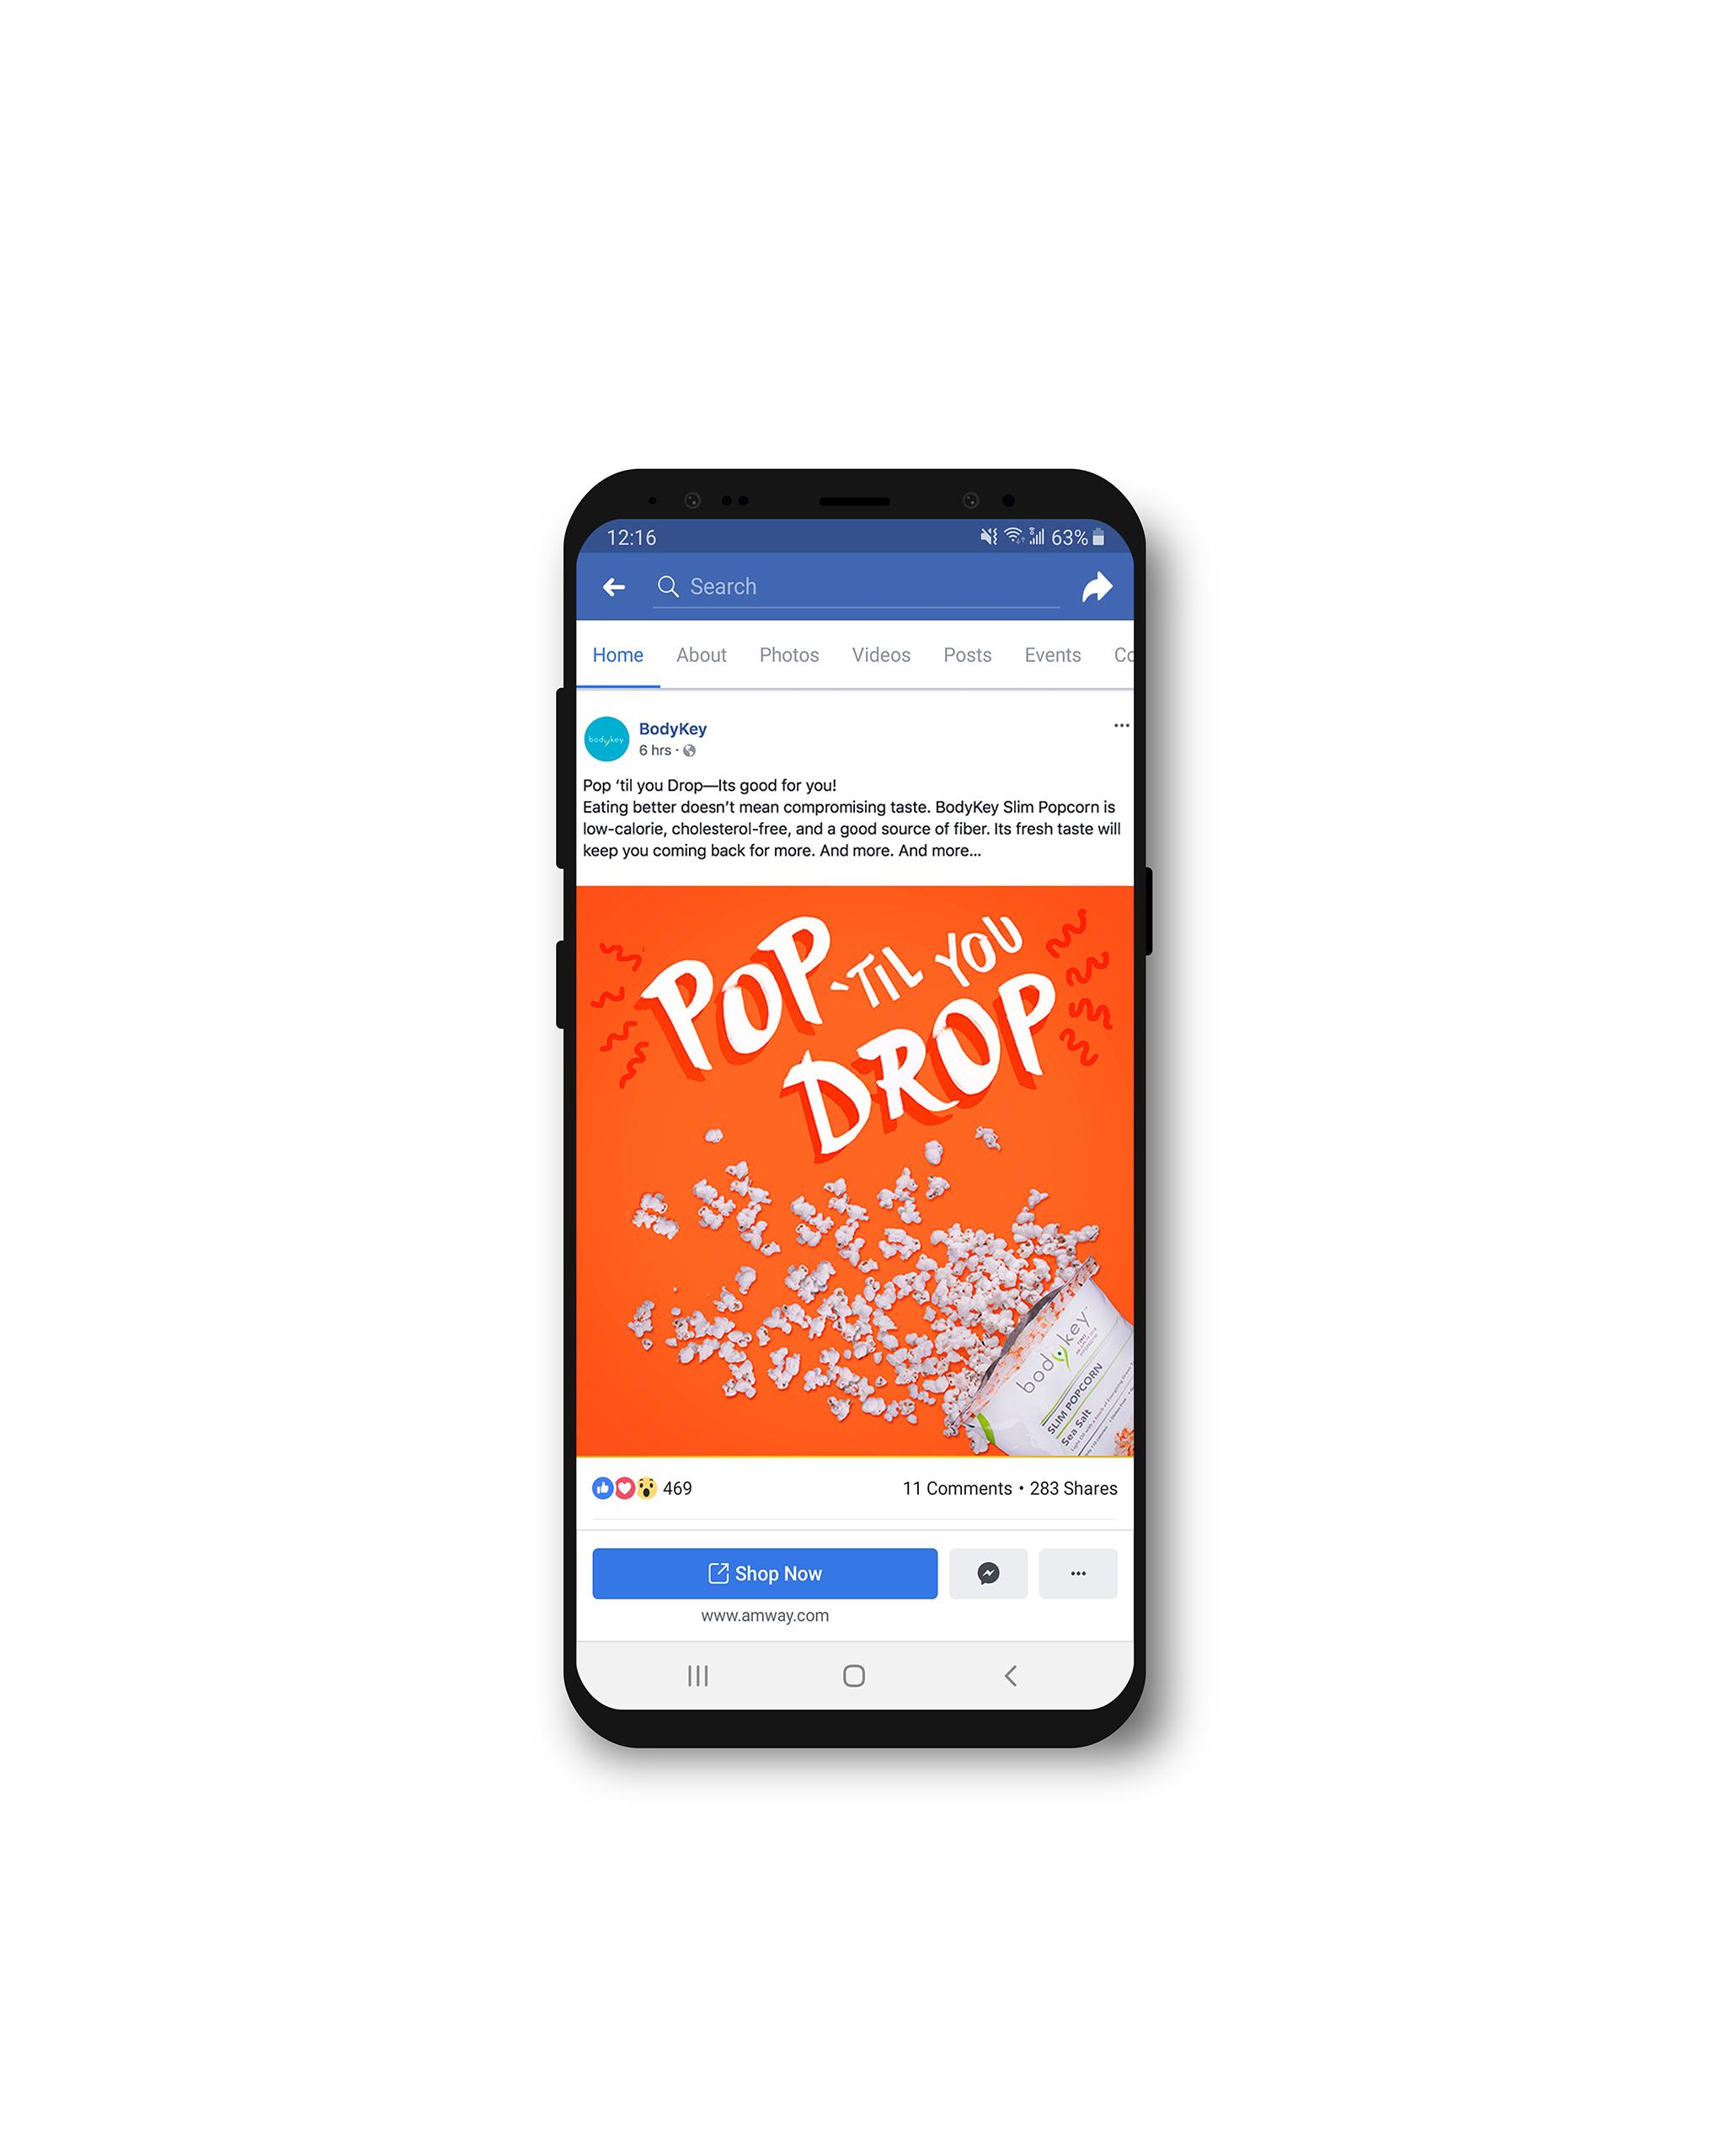 Pop till you Drop Facebook Mockup